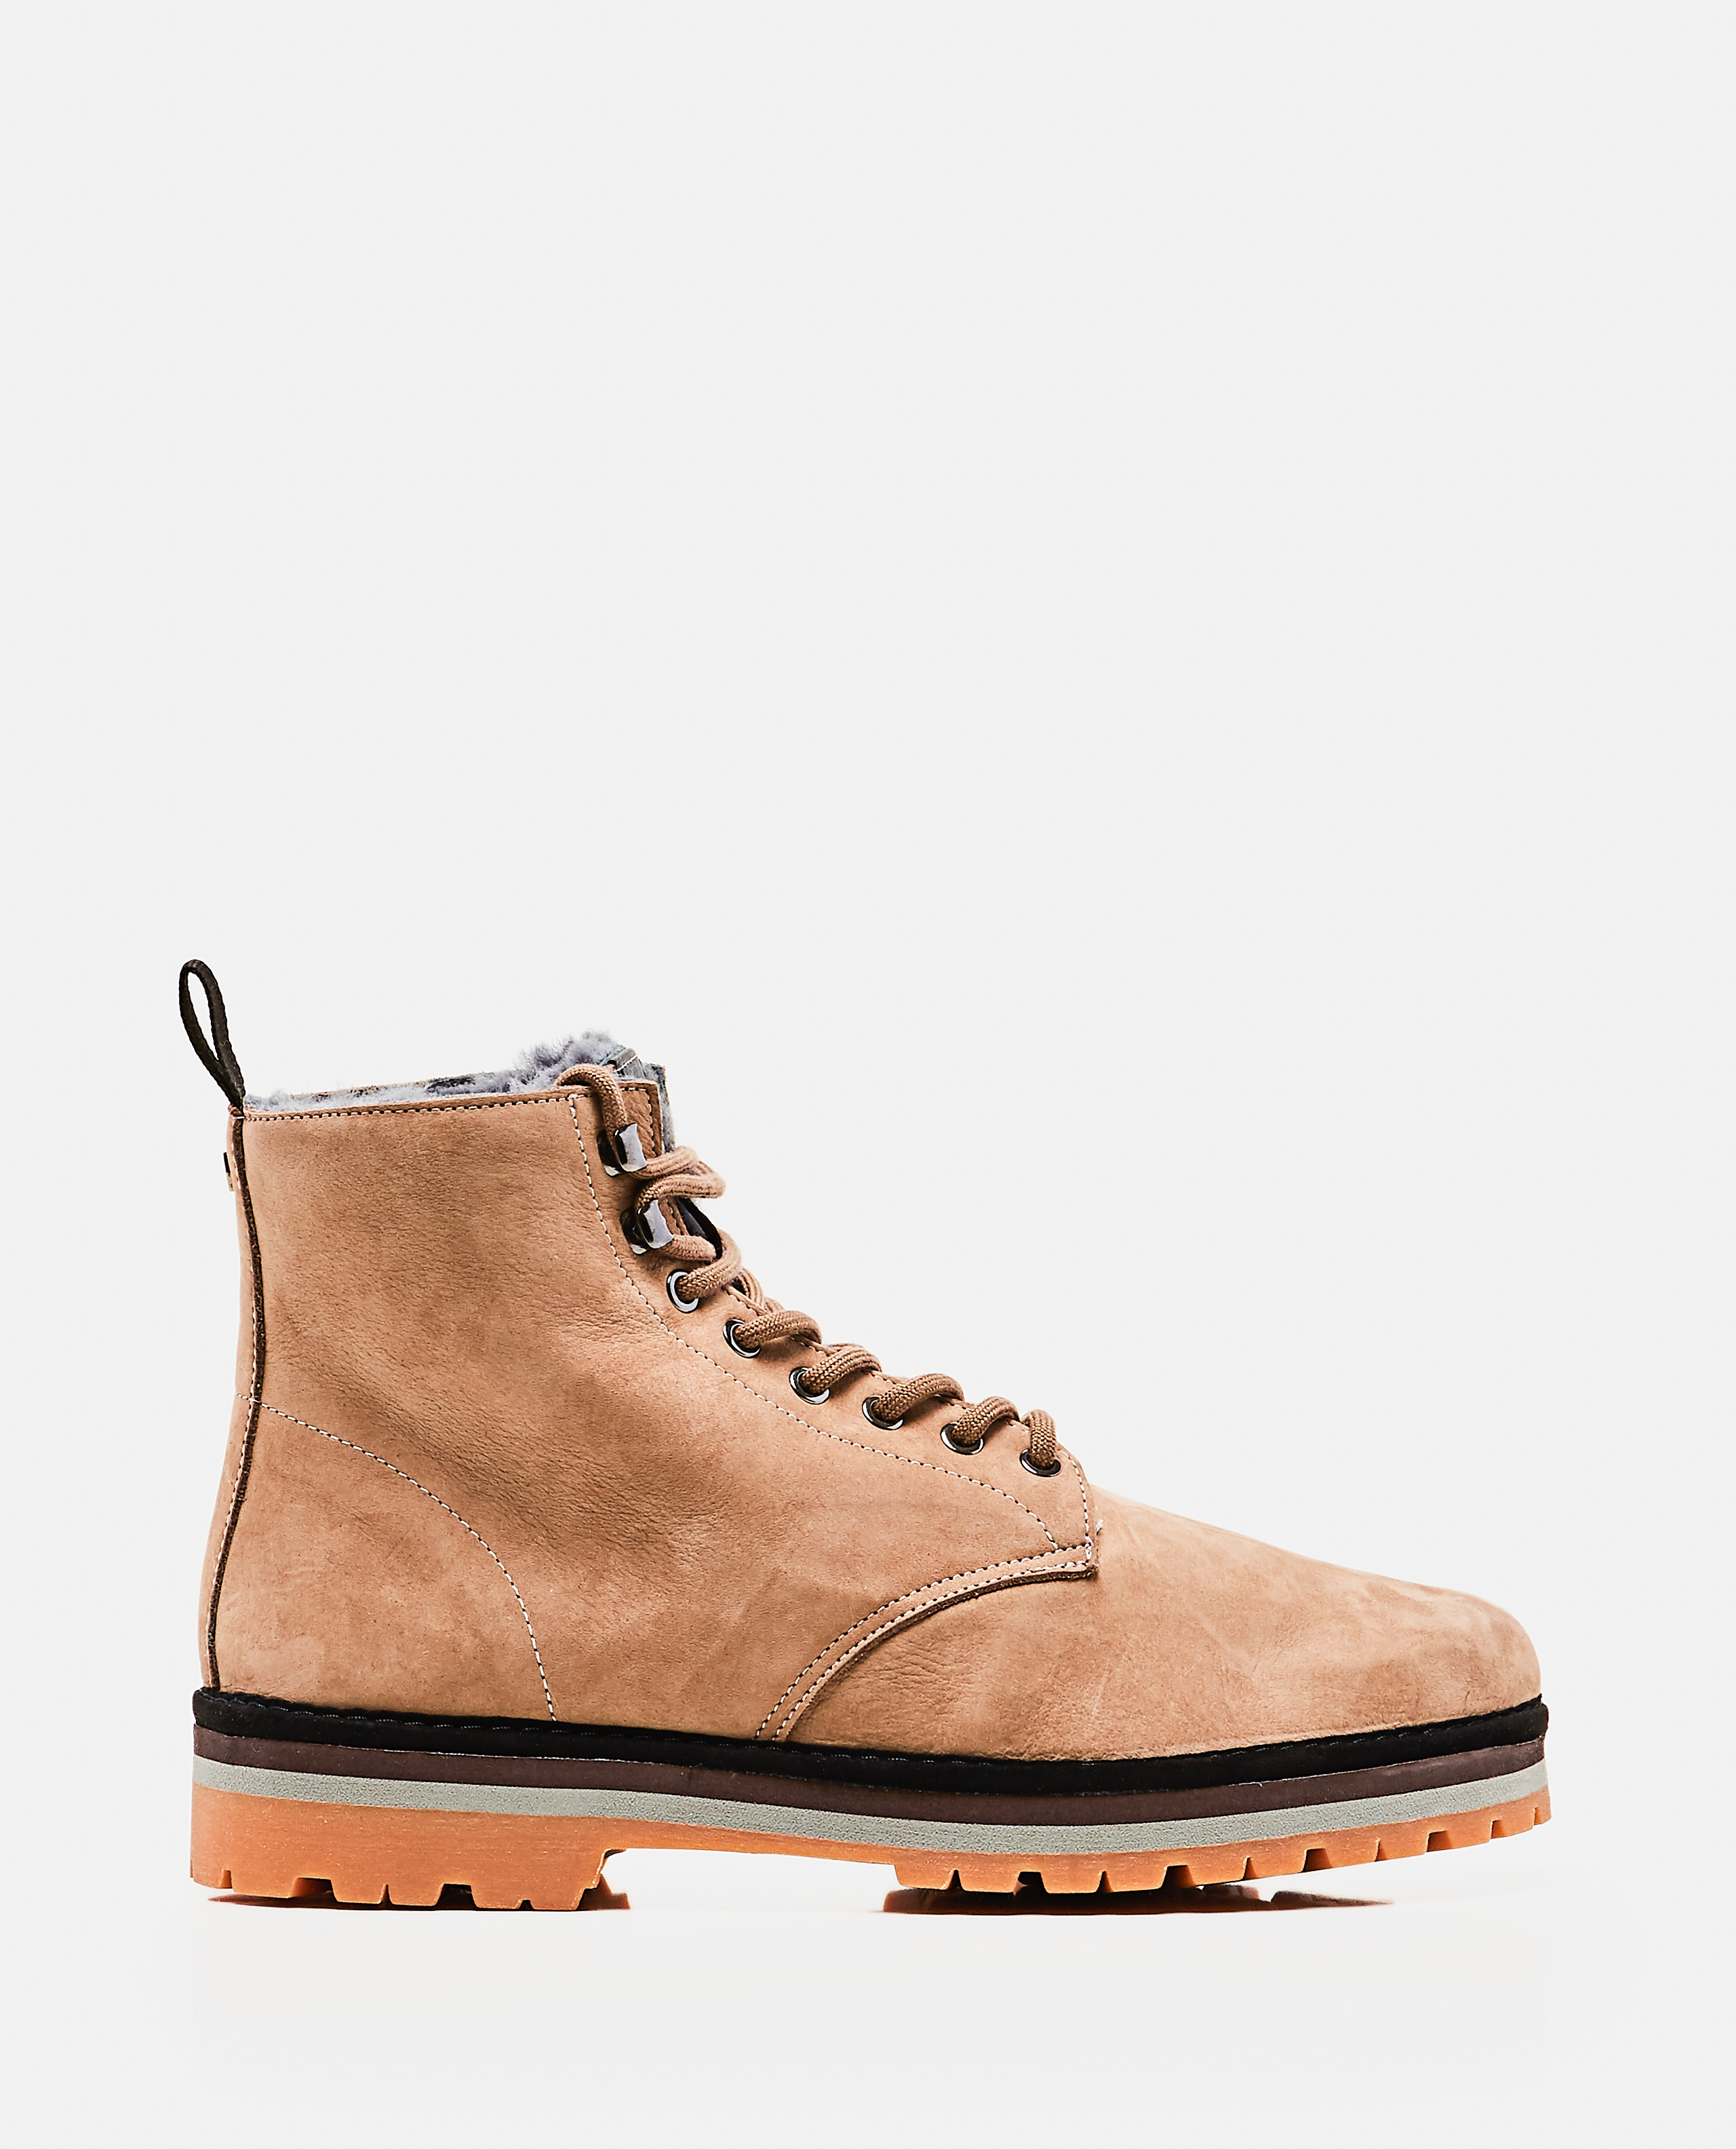 P09 boot